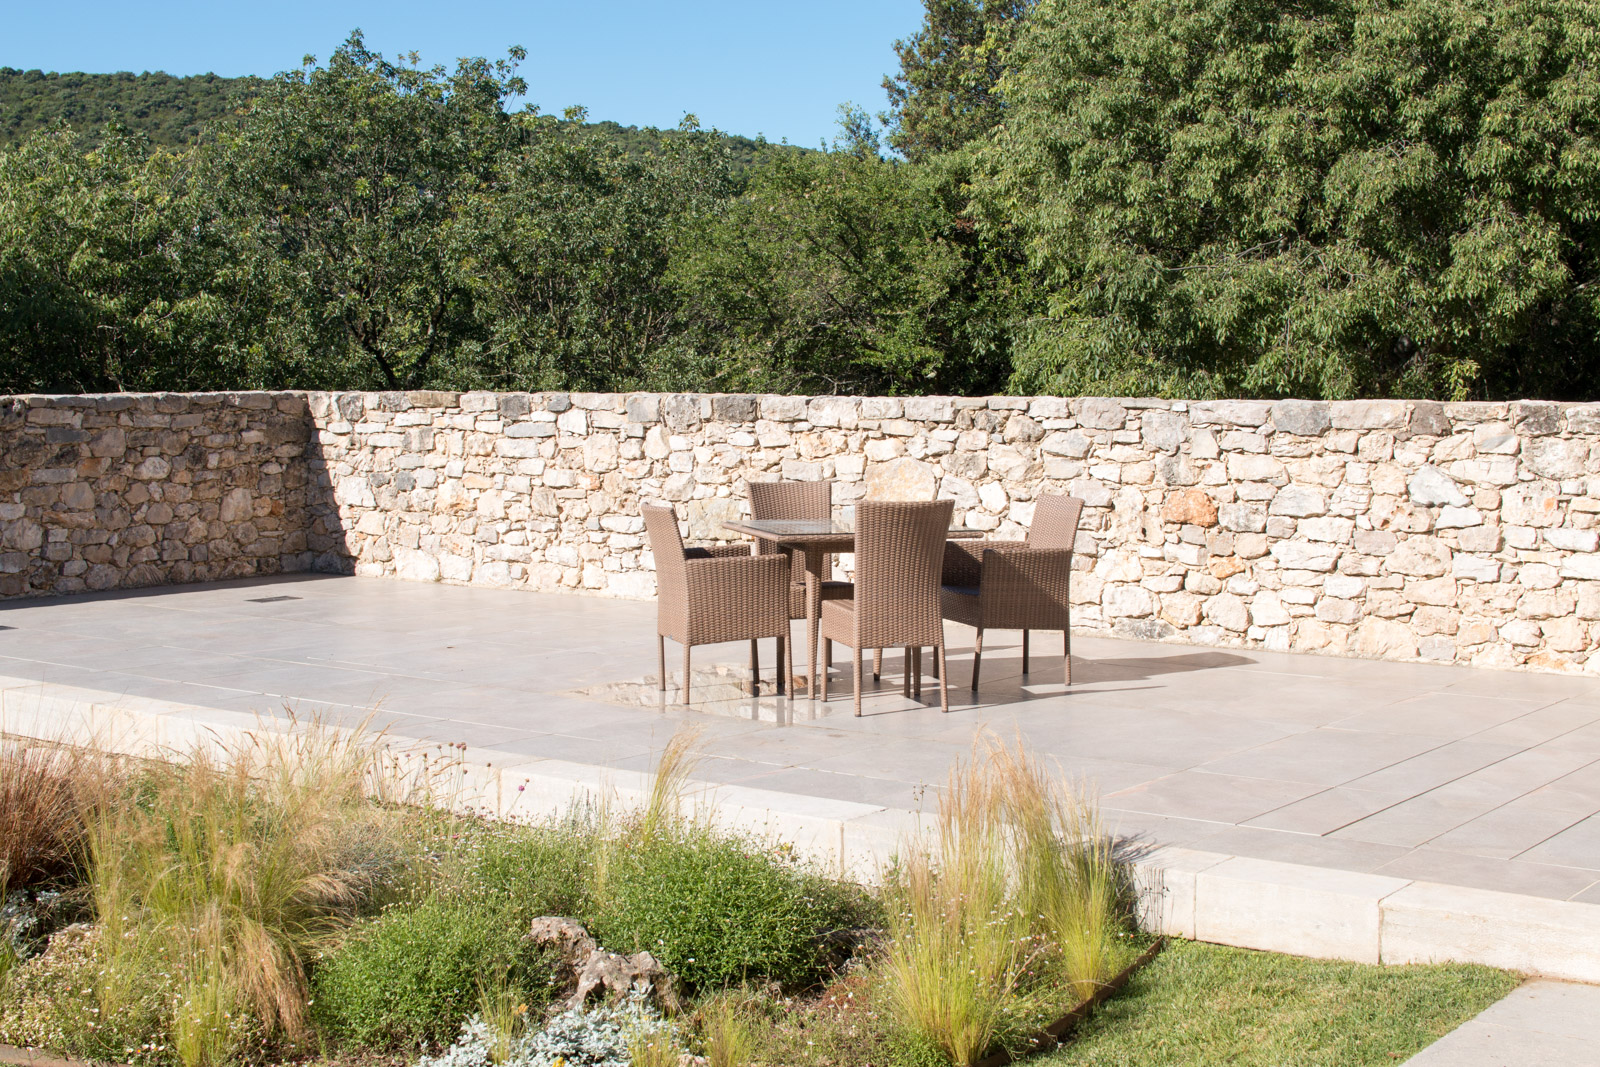 La piscine est fermée, vous pouvez profiter d'une spacieuse terrasse